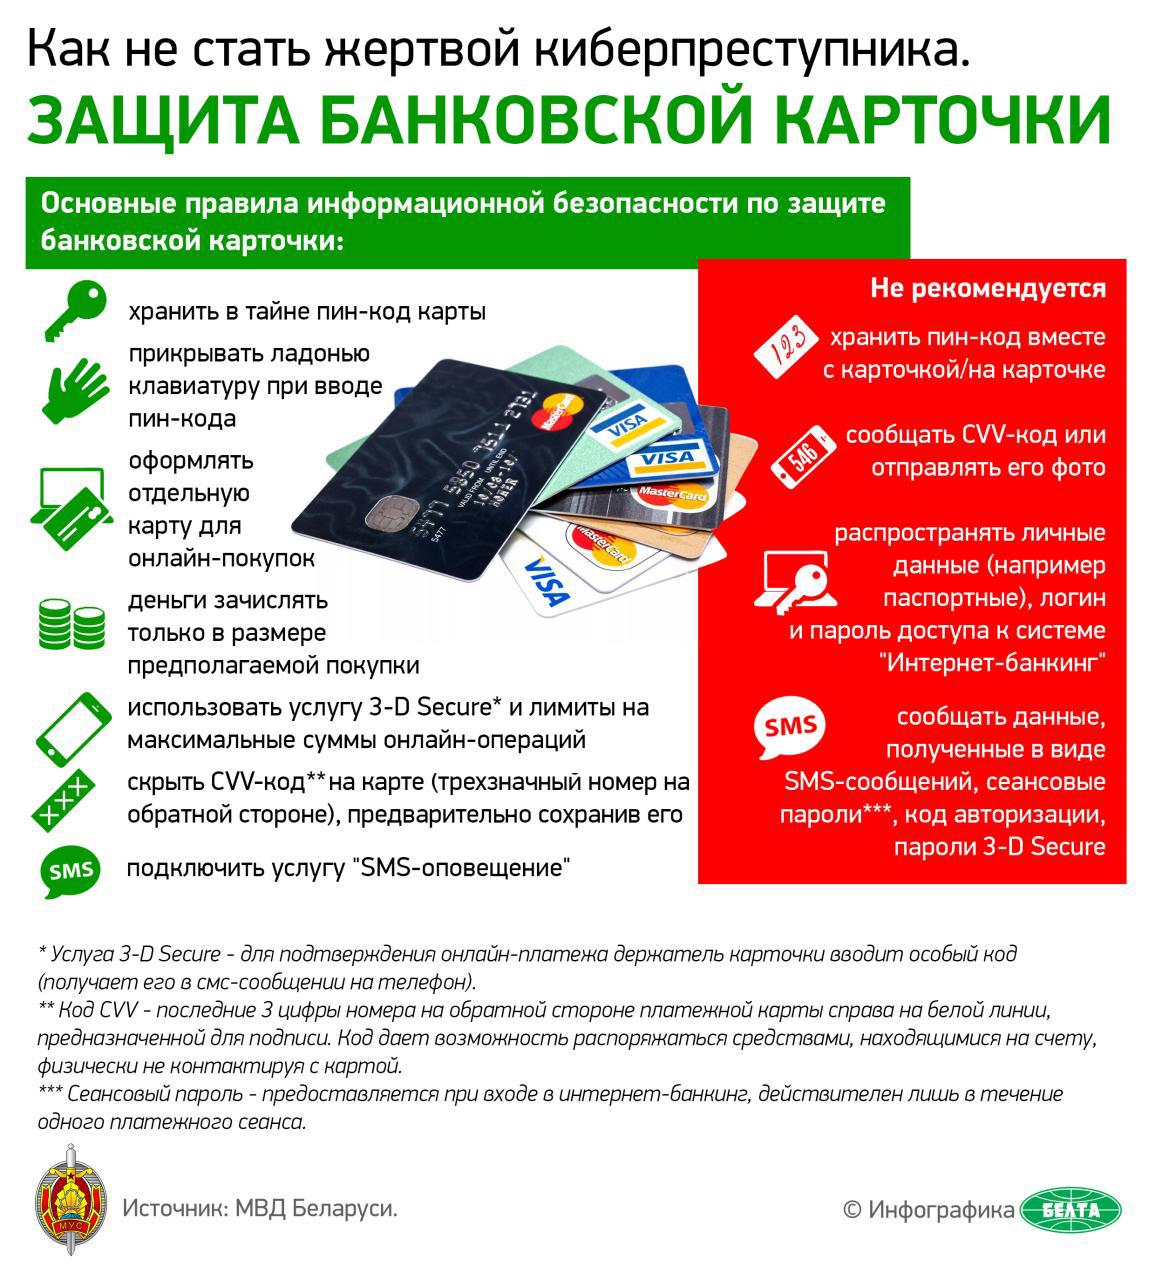 Банковские карты_УИОС